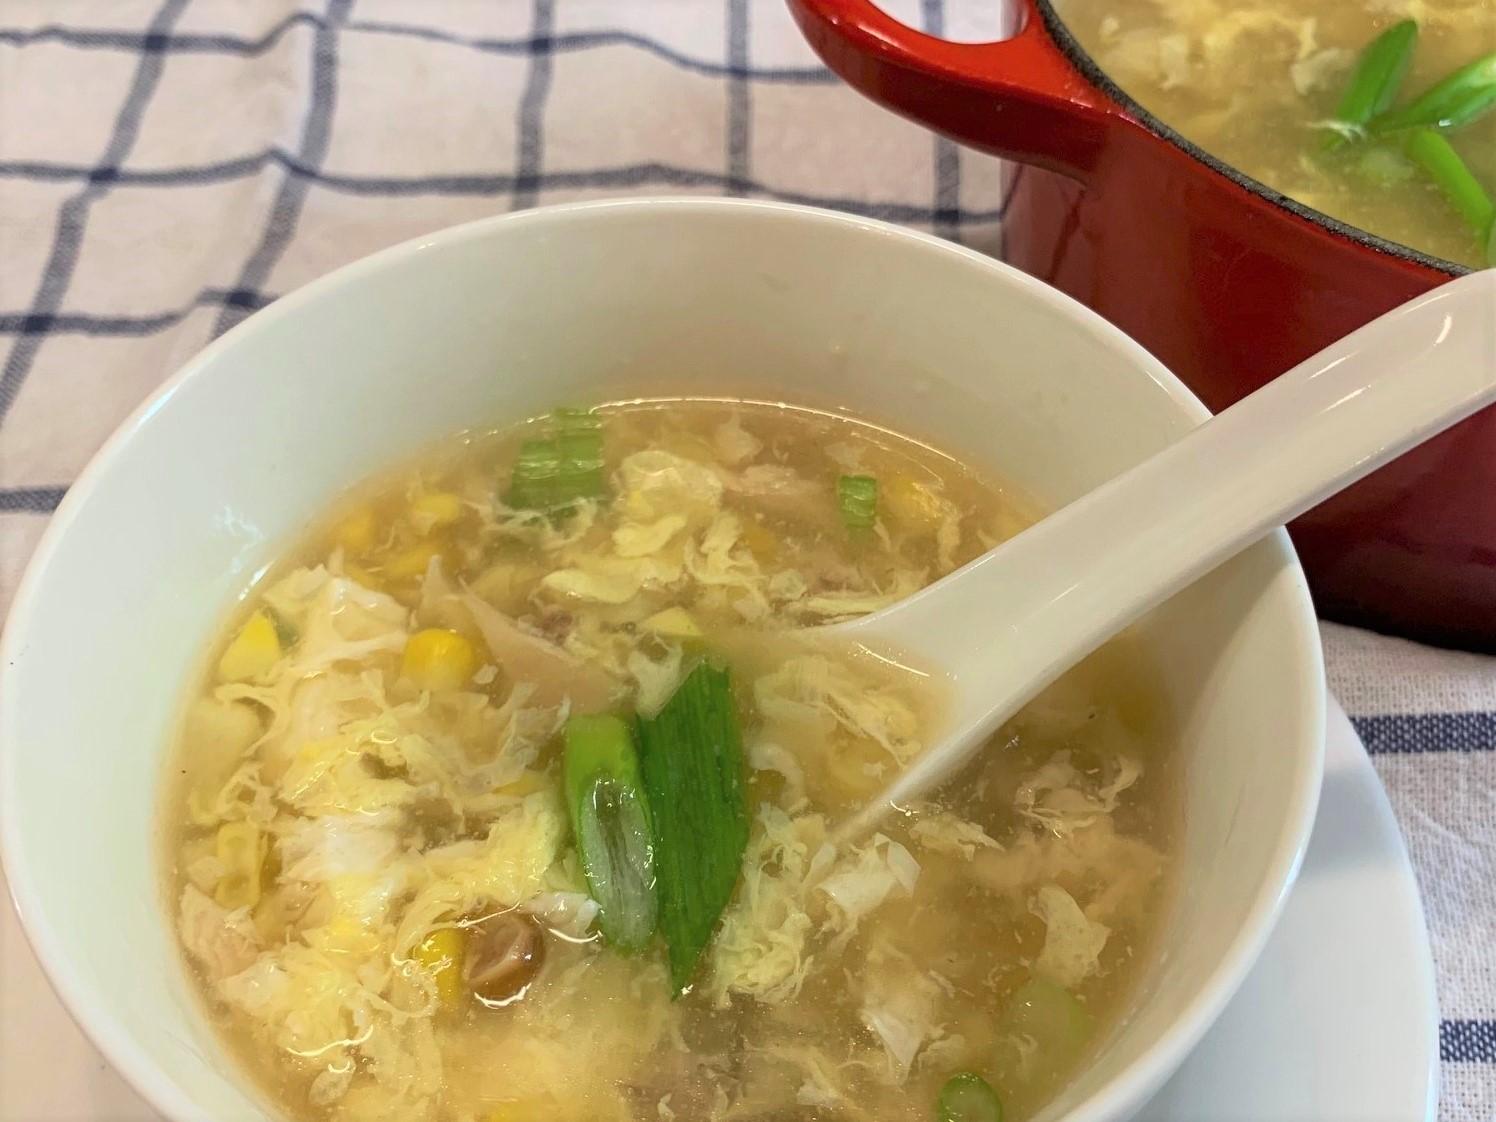 Chicken Corn Soup 鸡茸玉米羹jī róng yù mǐ gēng